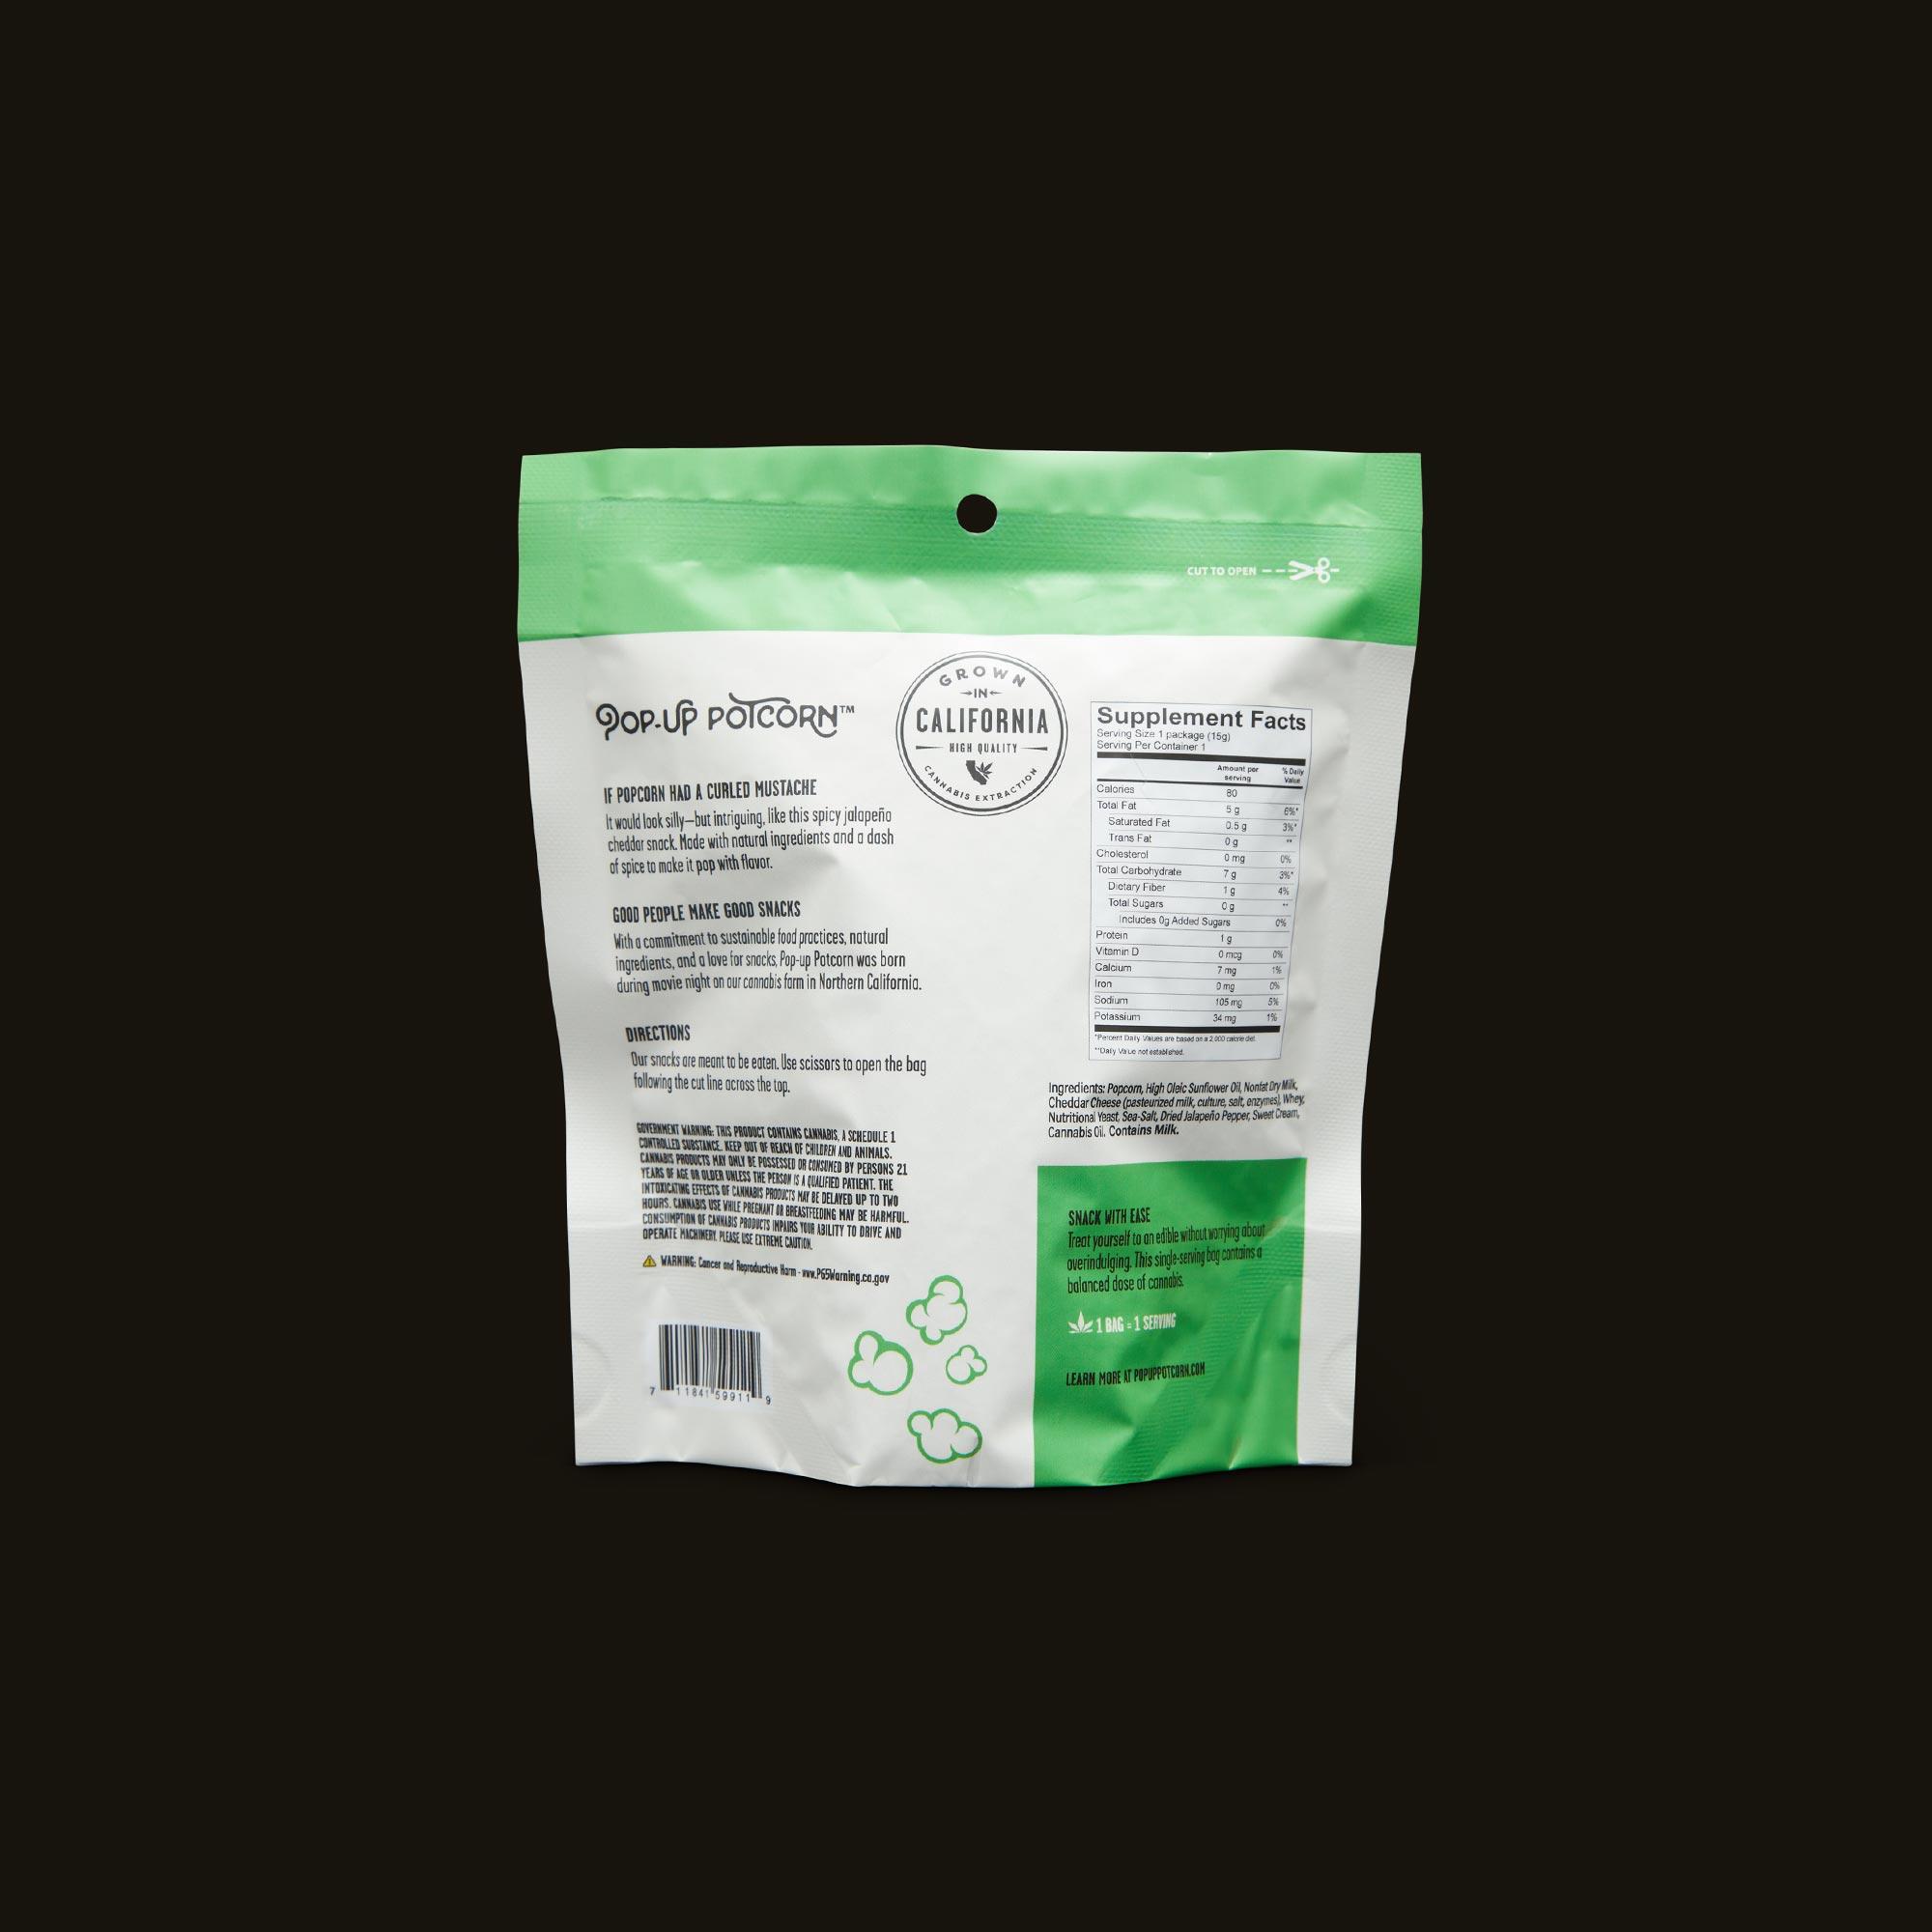 Pop-Up Potcorn Jalapeno Cheddar Popcorn 10:1 - Single Nutrition Packaging